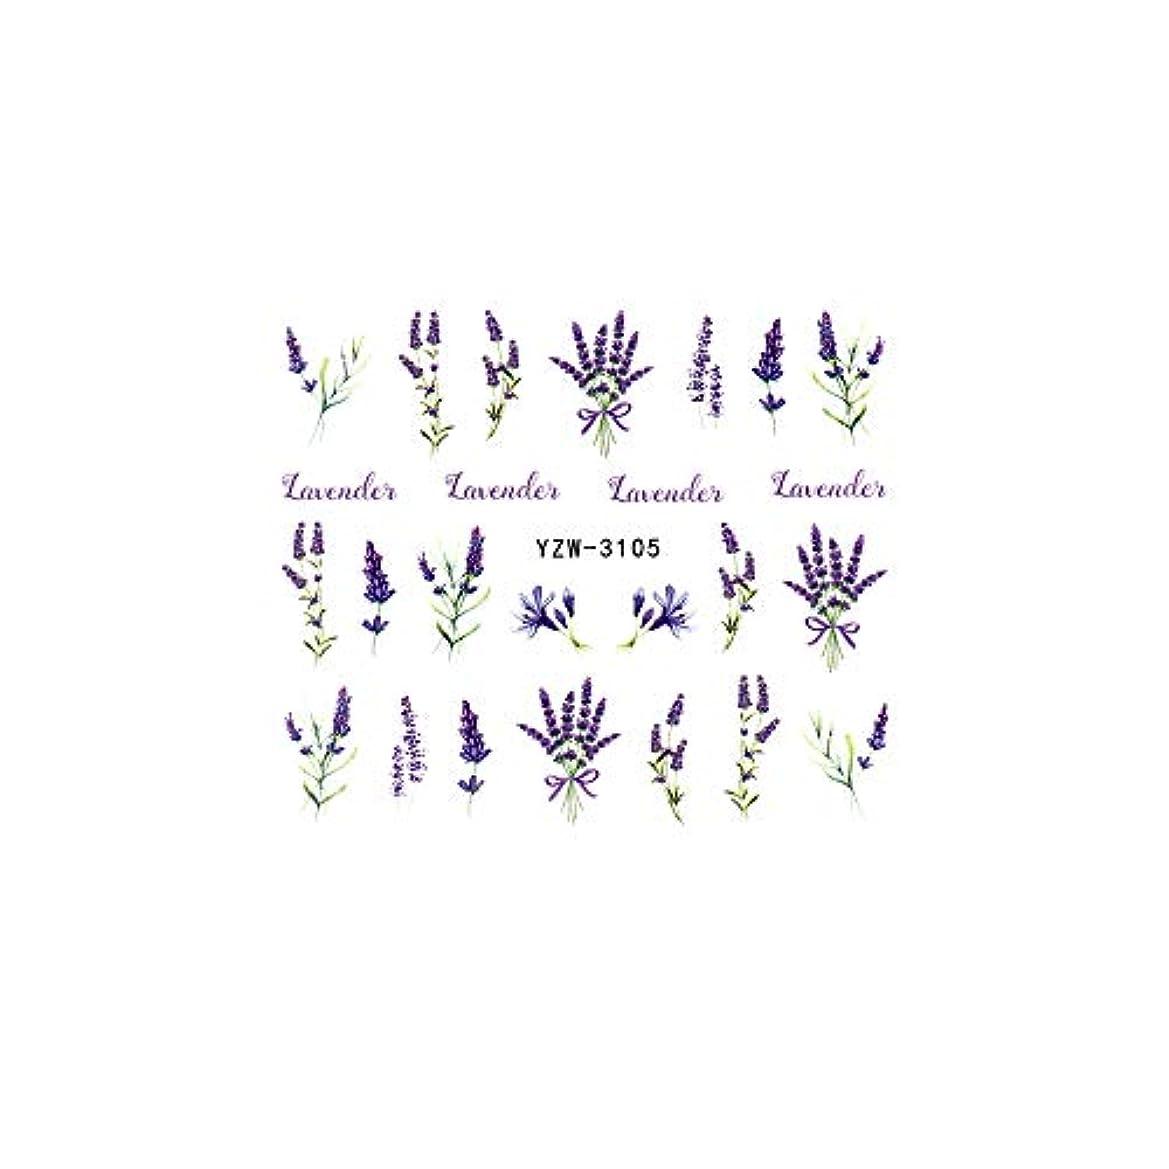 苦行収容する吹雪ウォーターネイルシール ラベンダーハーブシール【YZW-3105】フラワー ネイル 花柄 花束ネイル ネイルアート